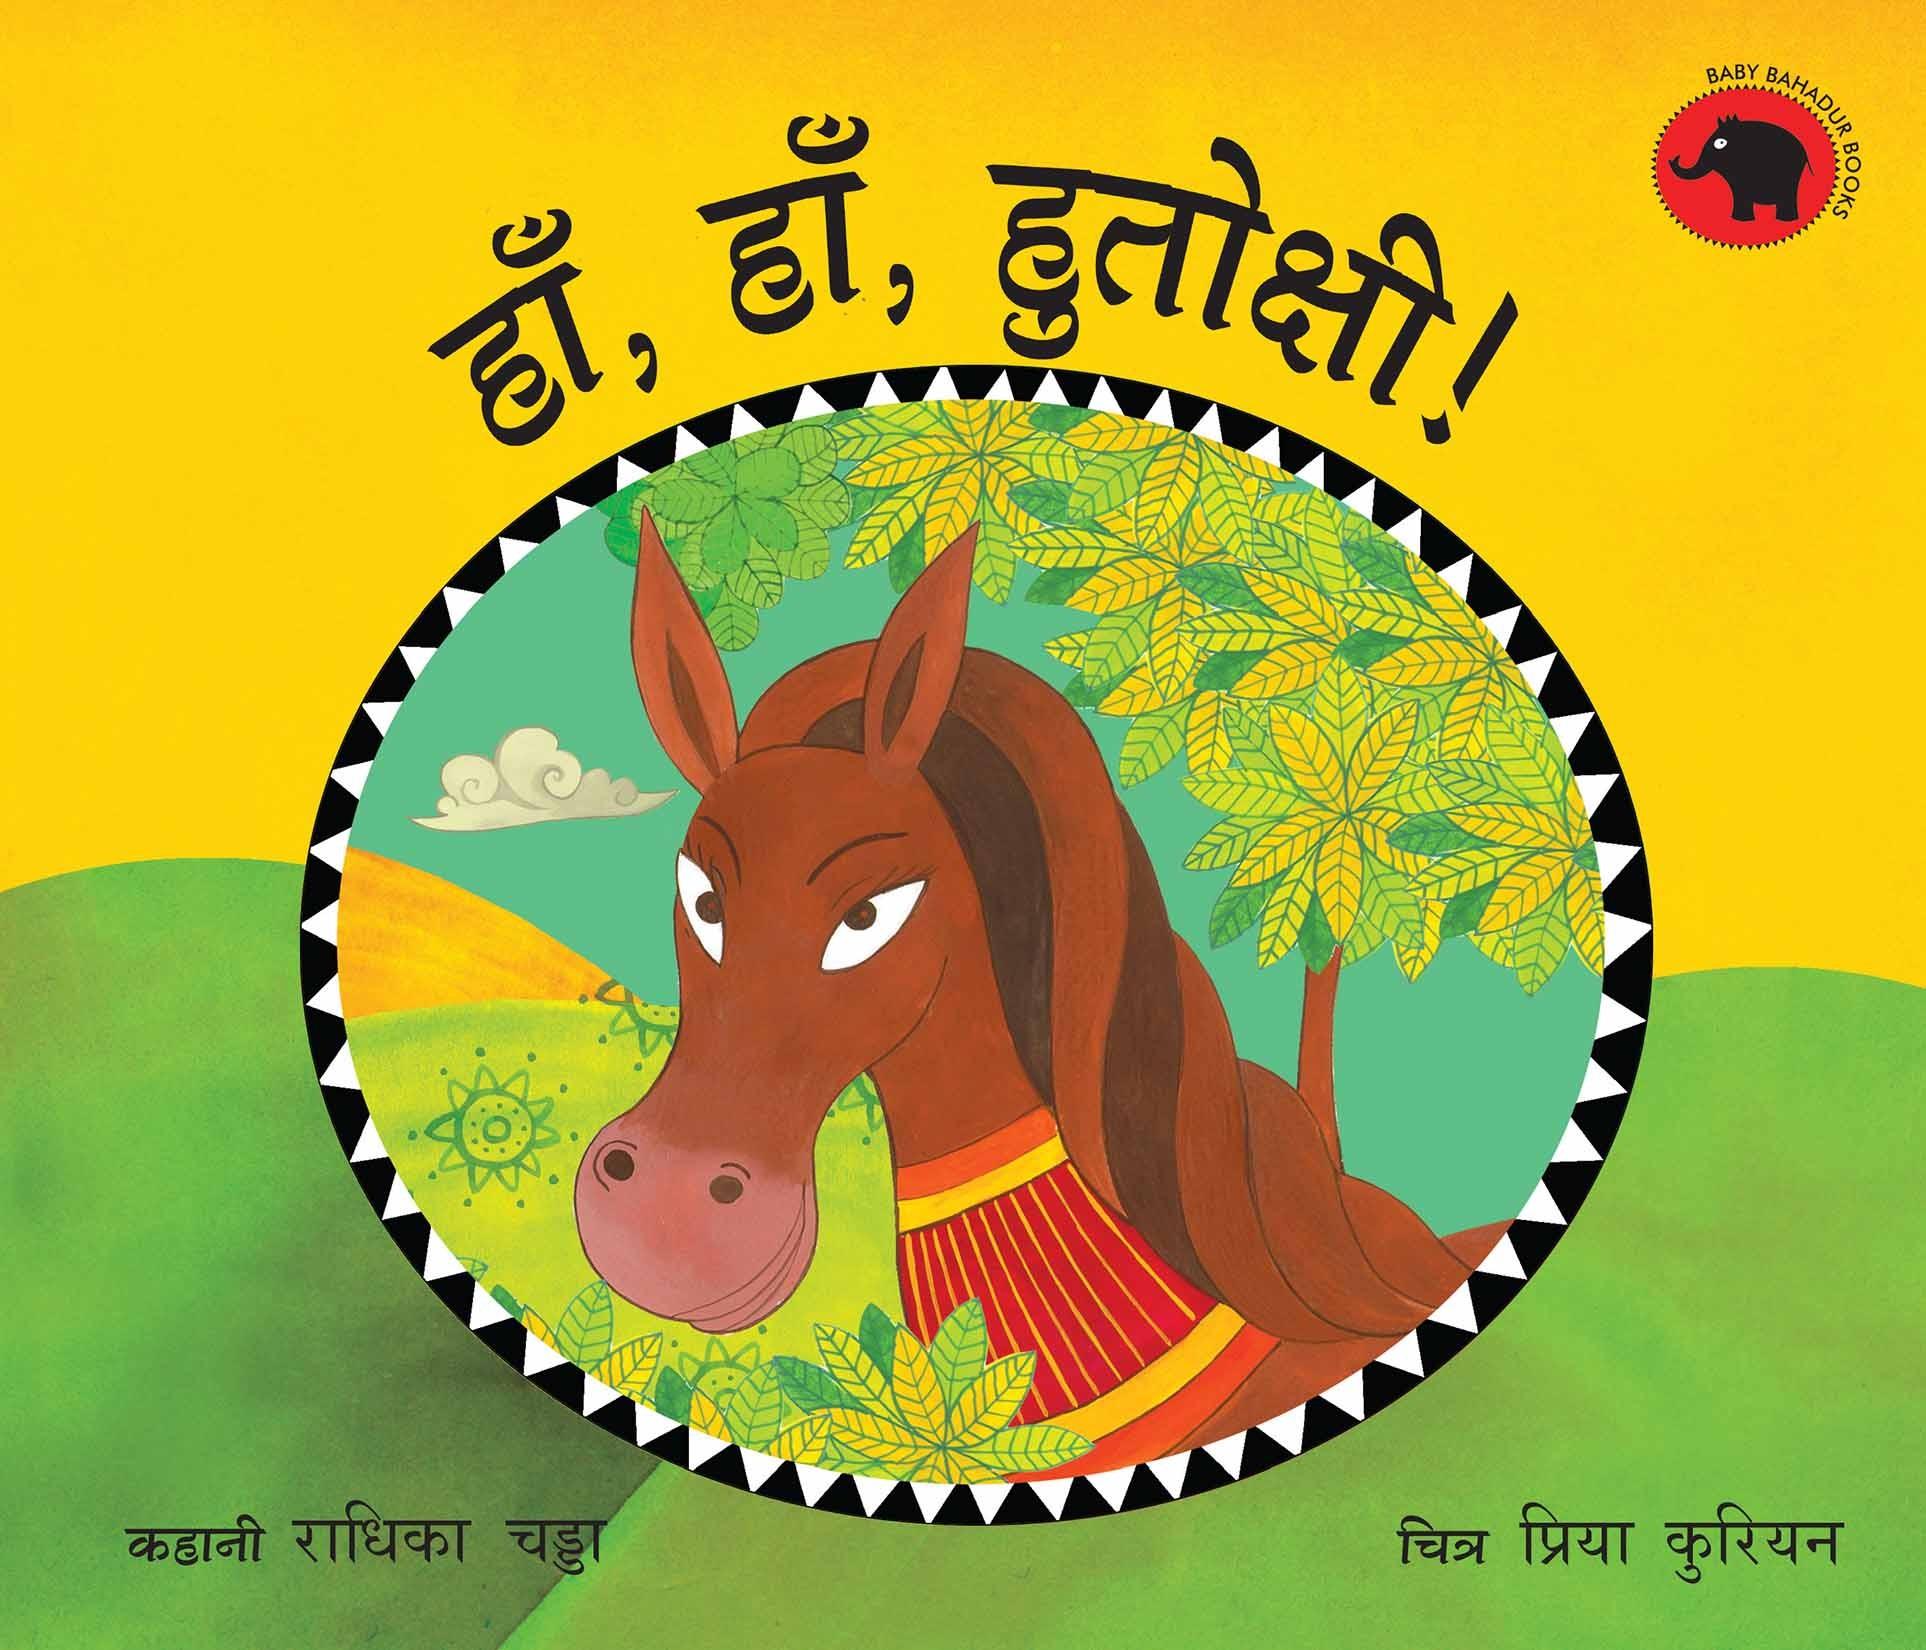 Yes, Hutoxi!/Haan, Haan Hutoxi! (Hindi)